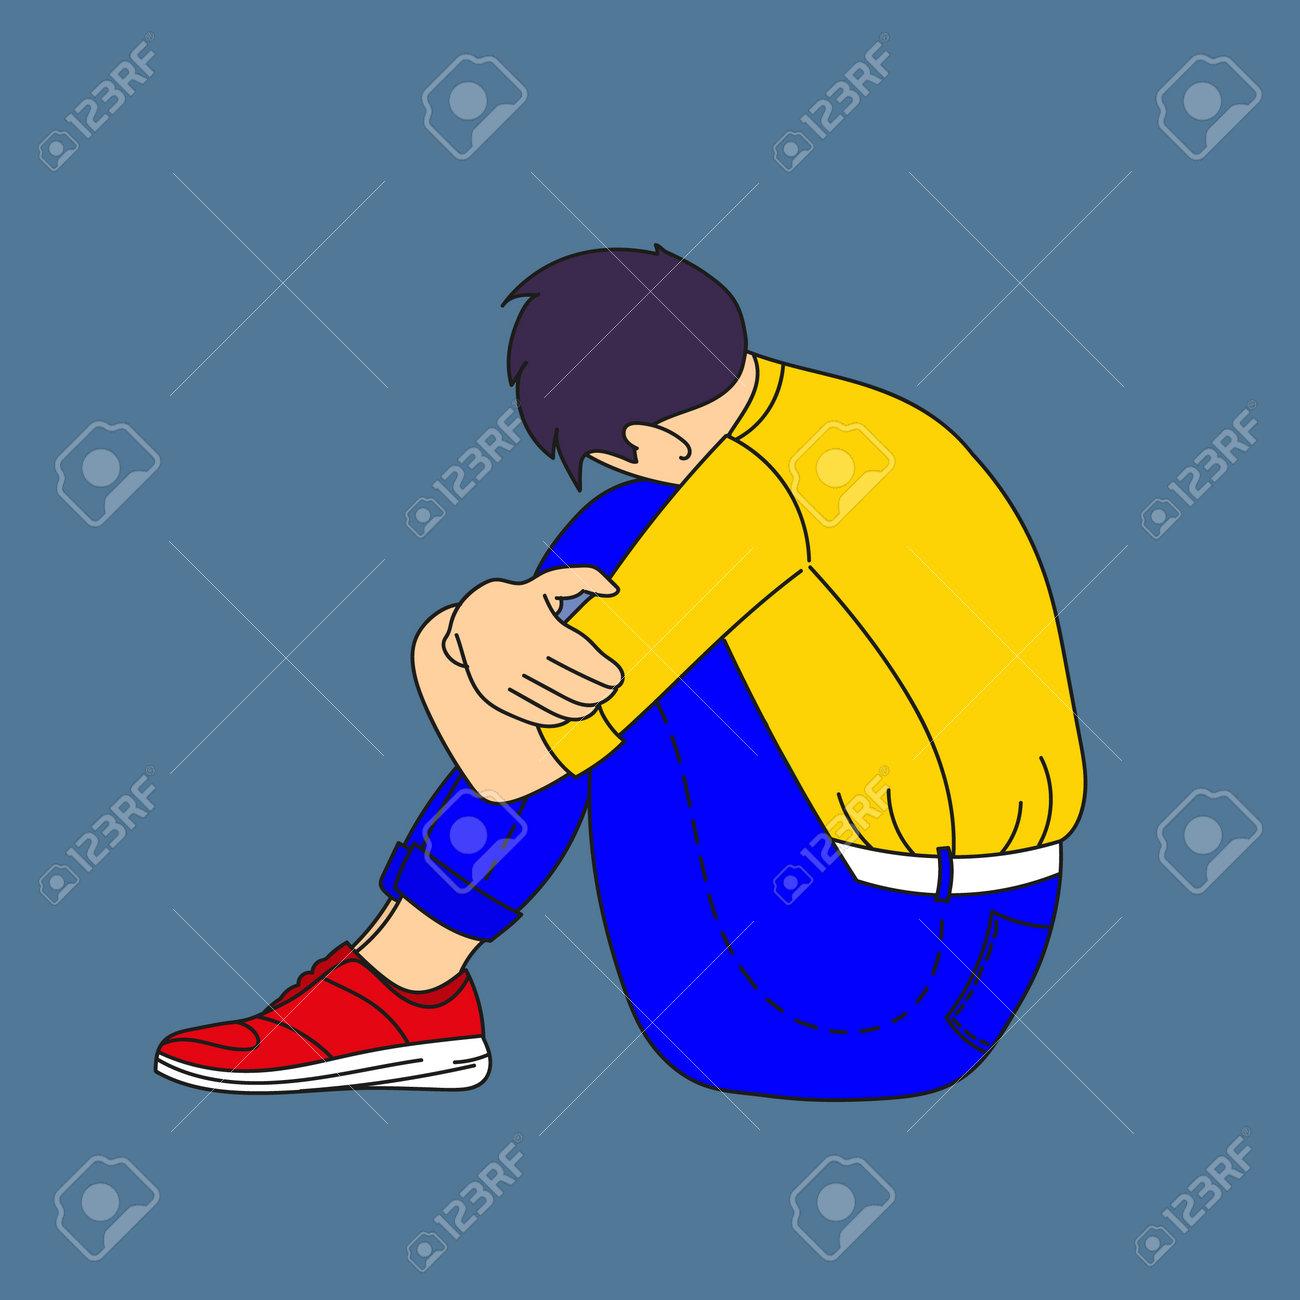 Sad guy sitting put his head on his knees. - 161909303